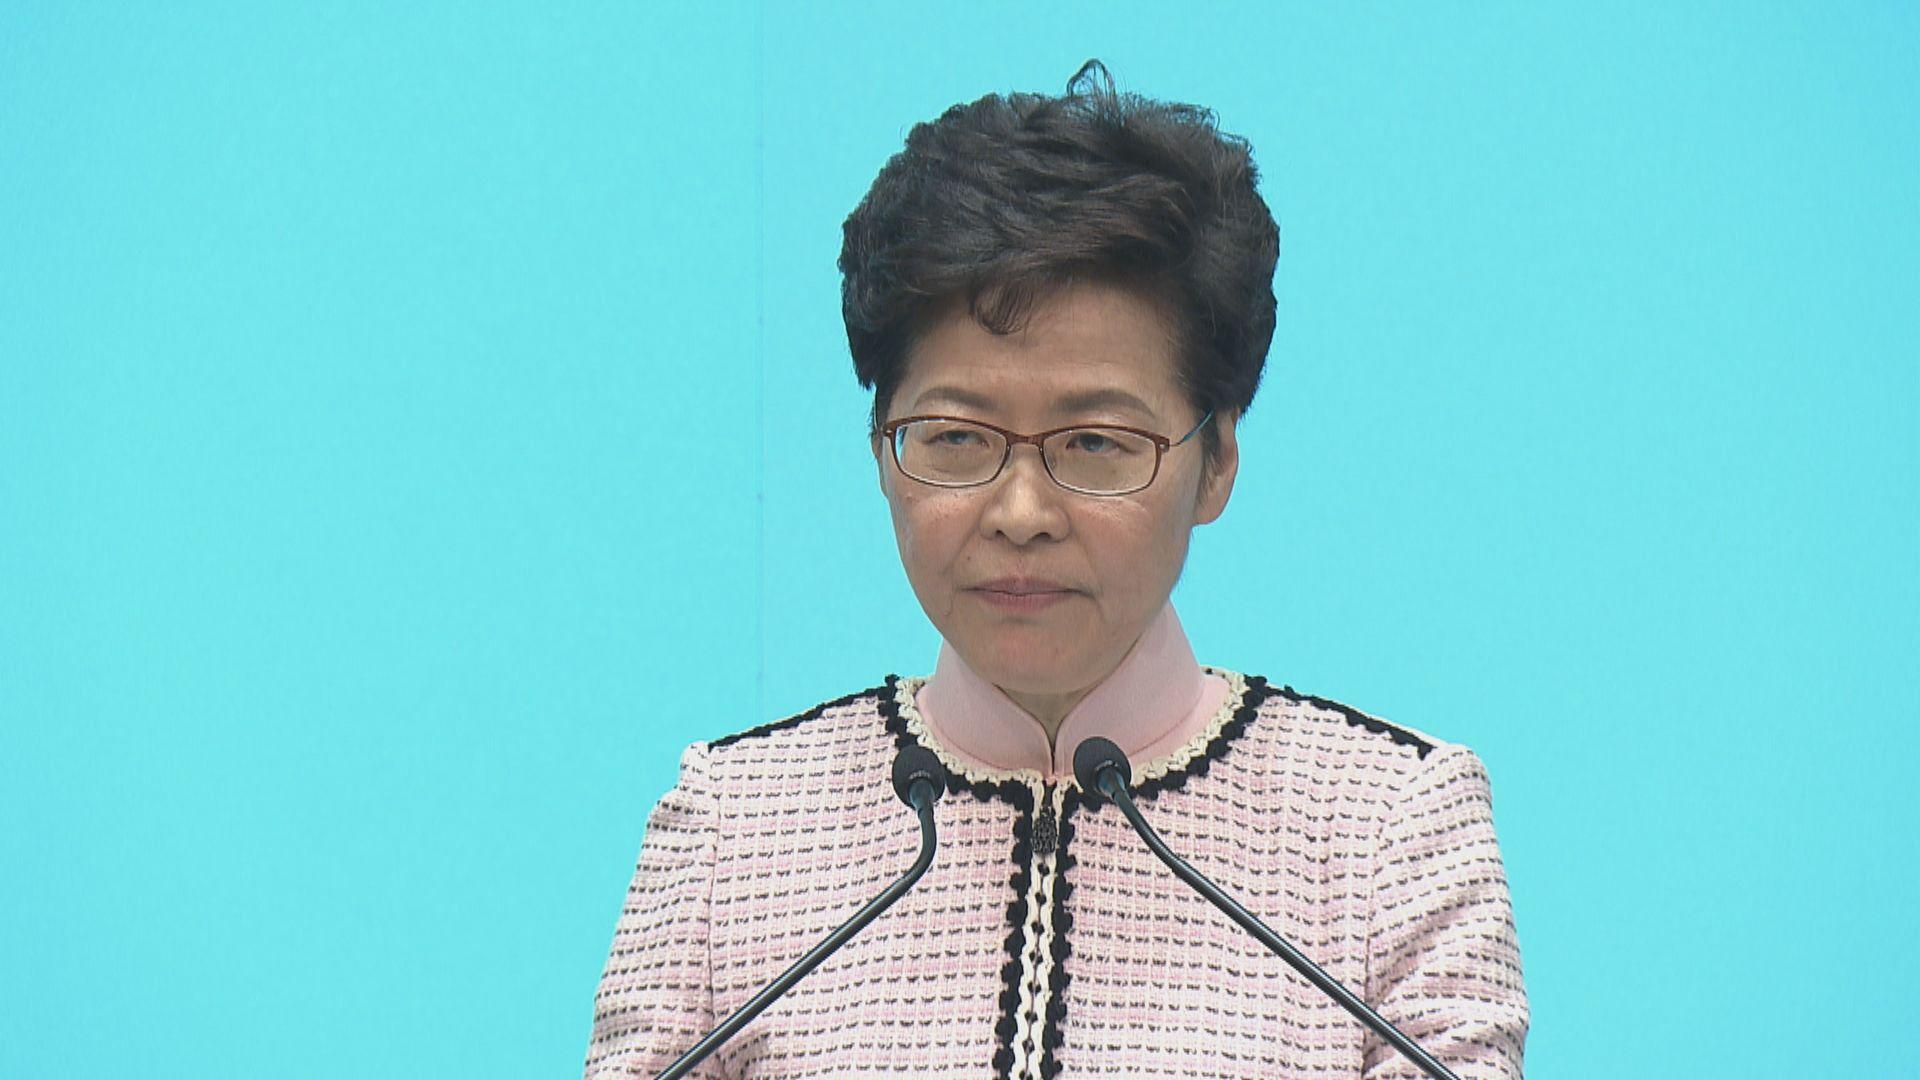 【最新】林鄭月娥:外國政府制裁香港官員是毫無理據